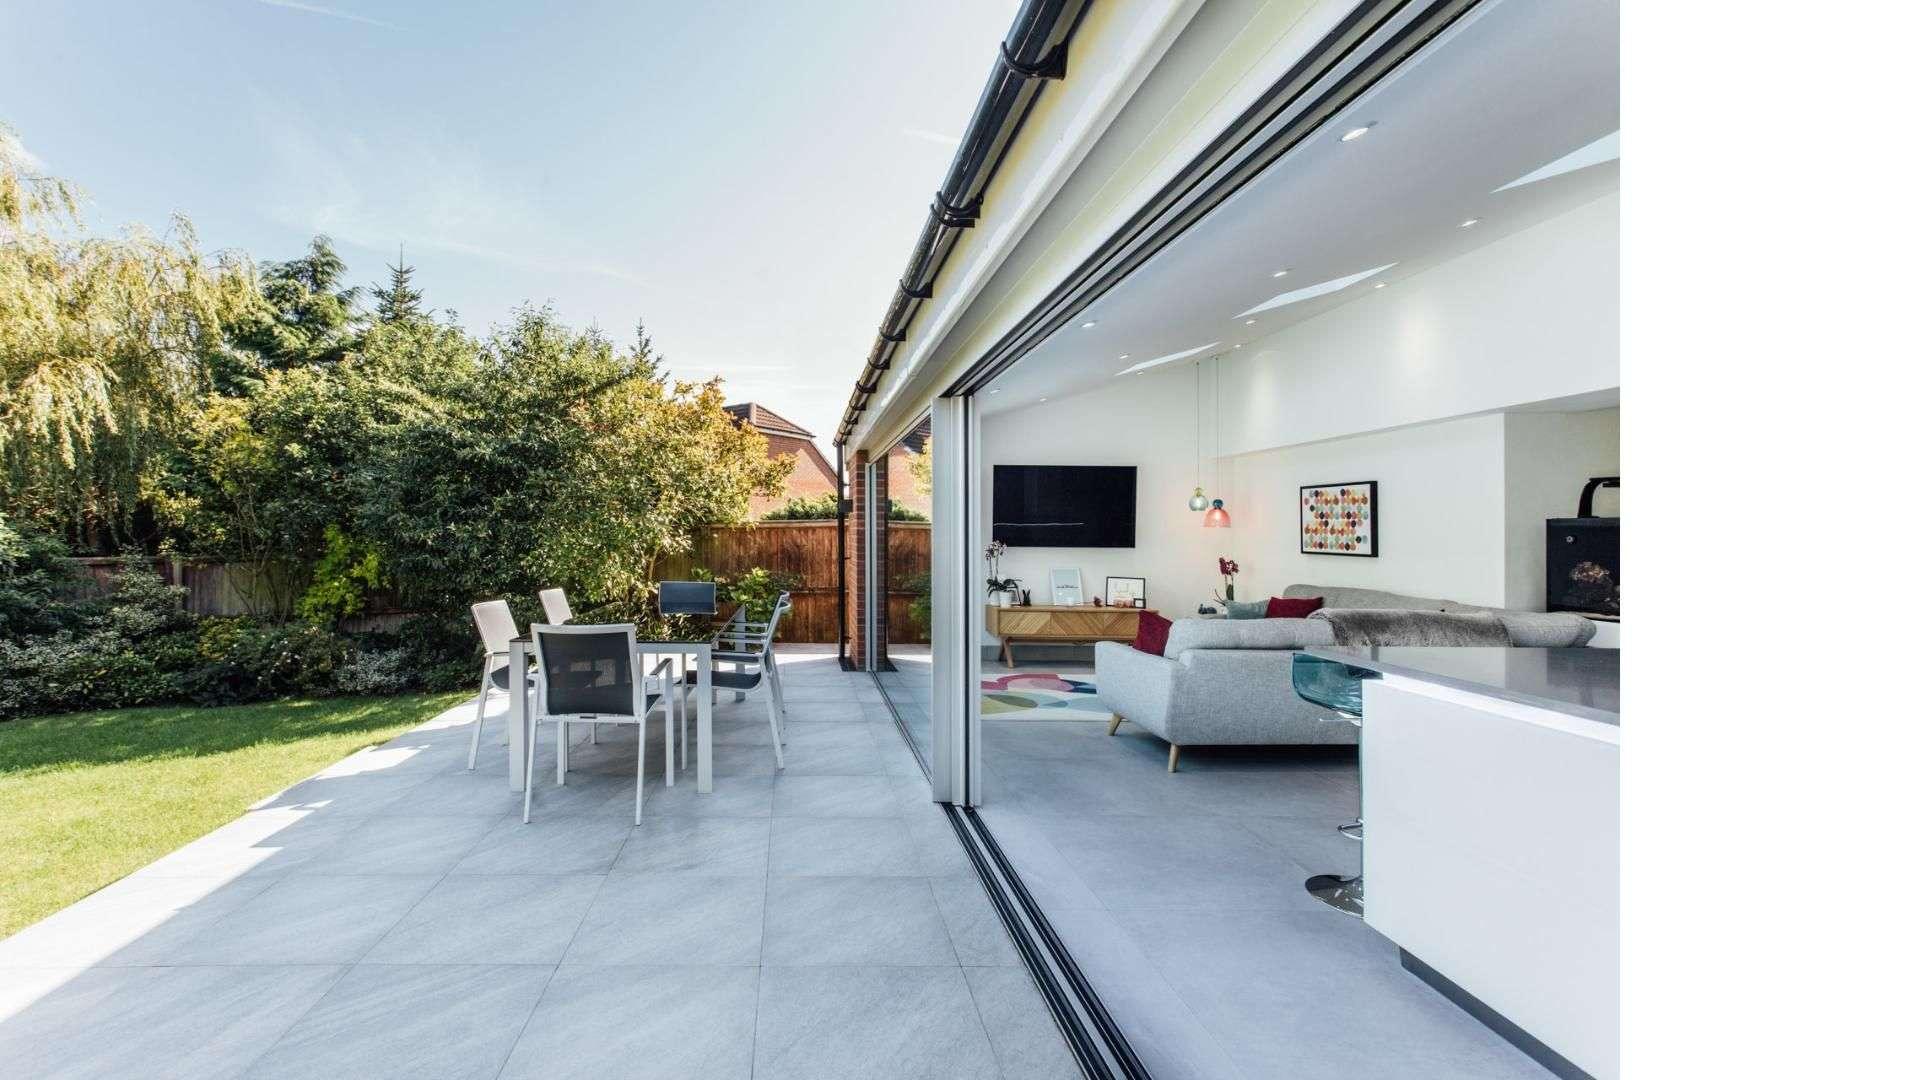 cero Schiebeverglasung zu einer Terrasse mit Garten